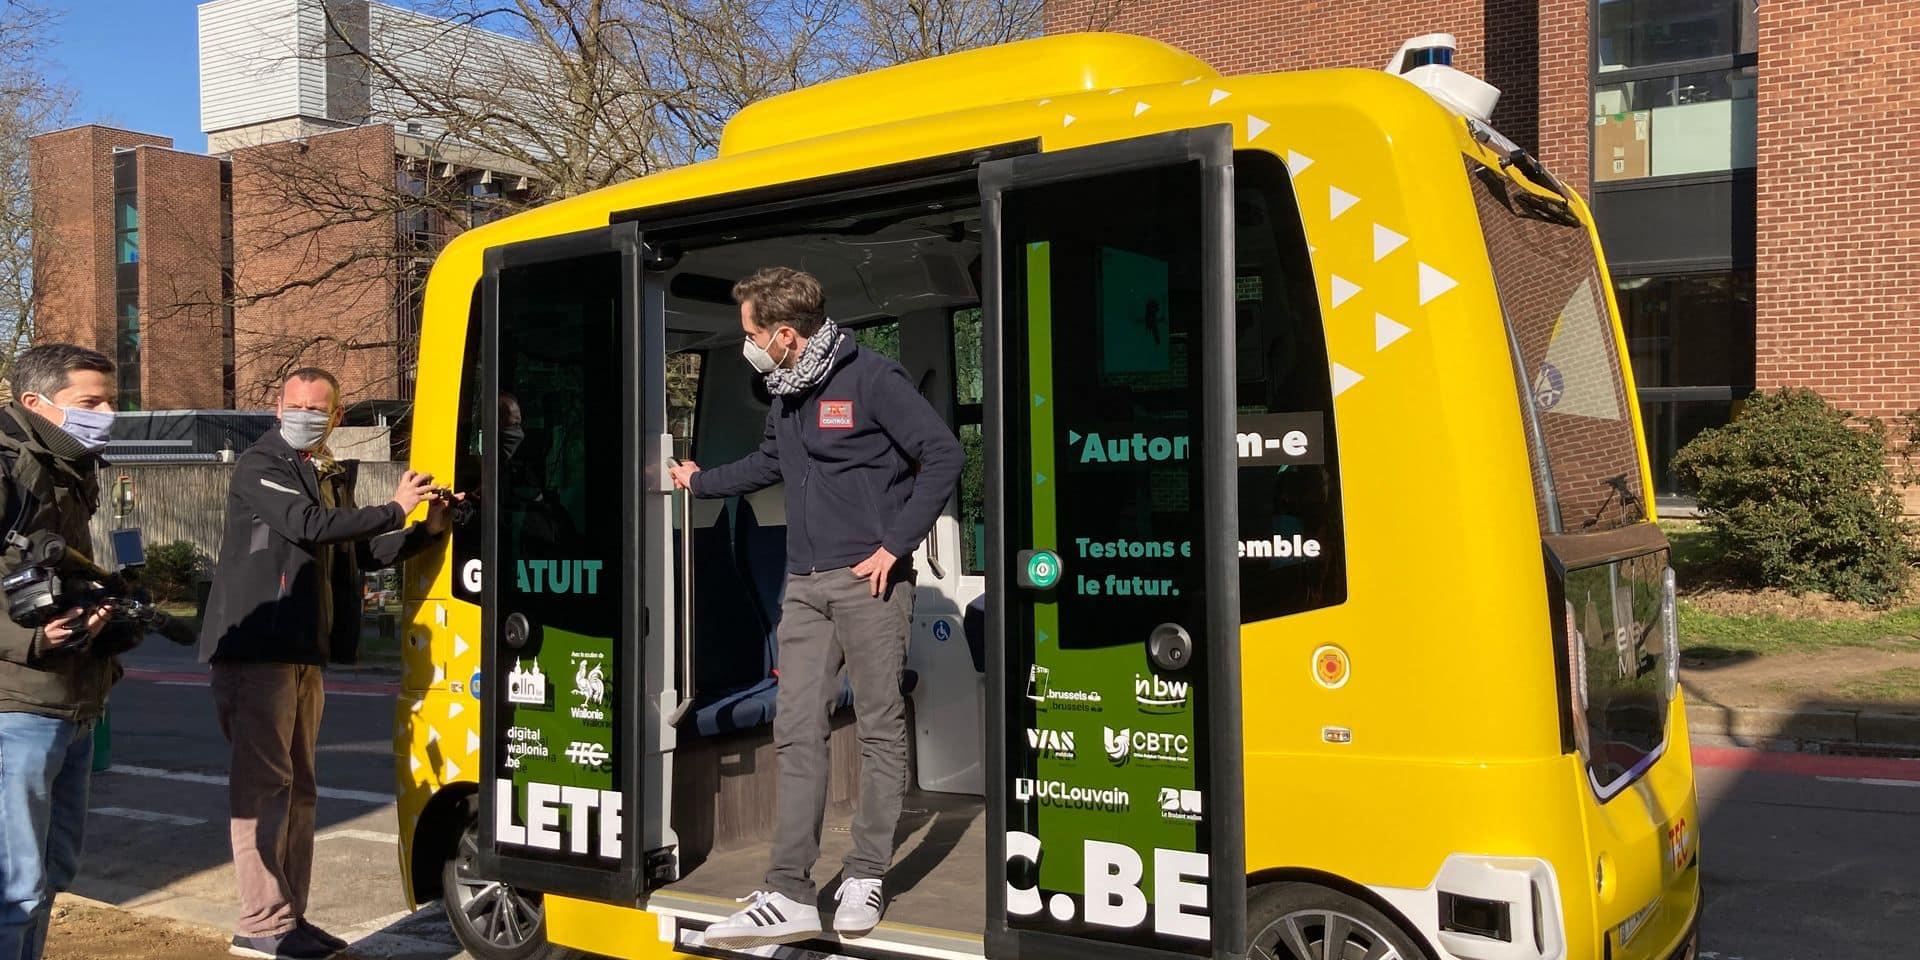 Lancement timide pour la navette autonome à Louvain-la-Neuve